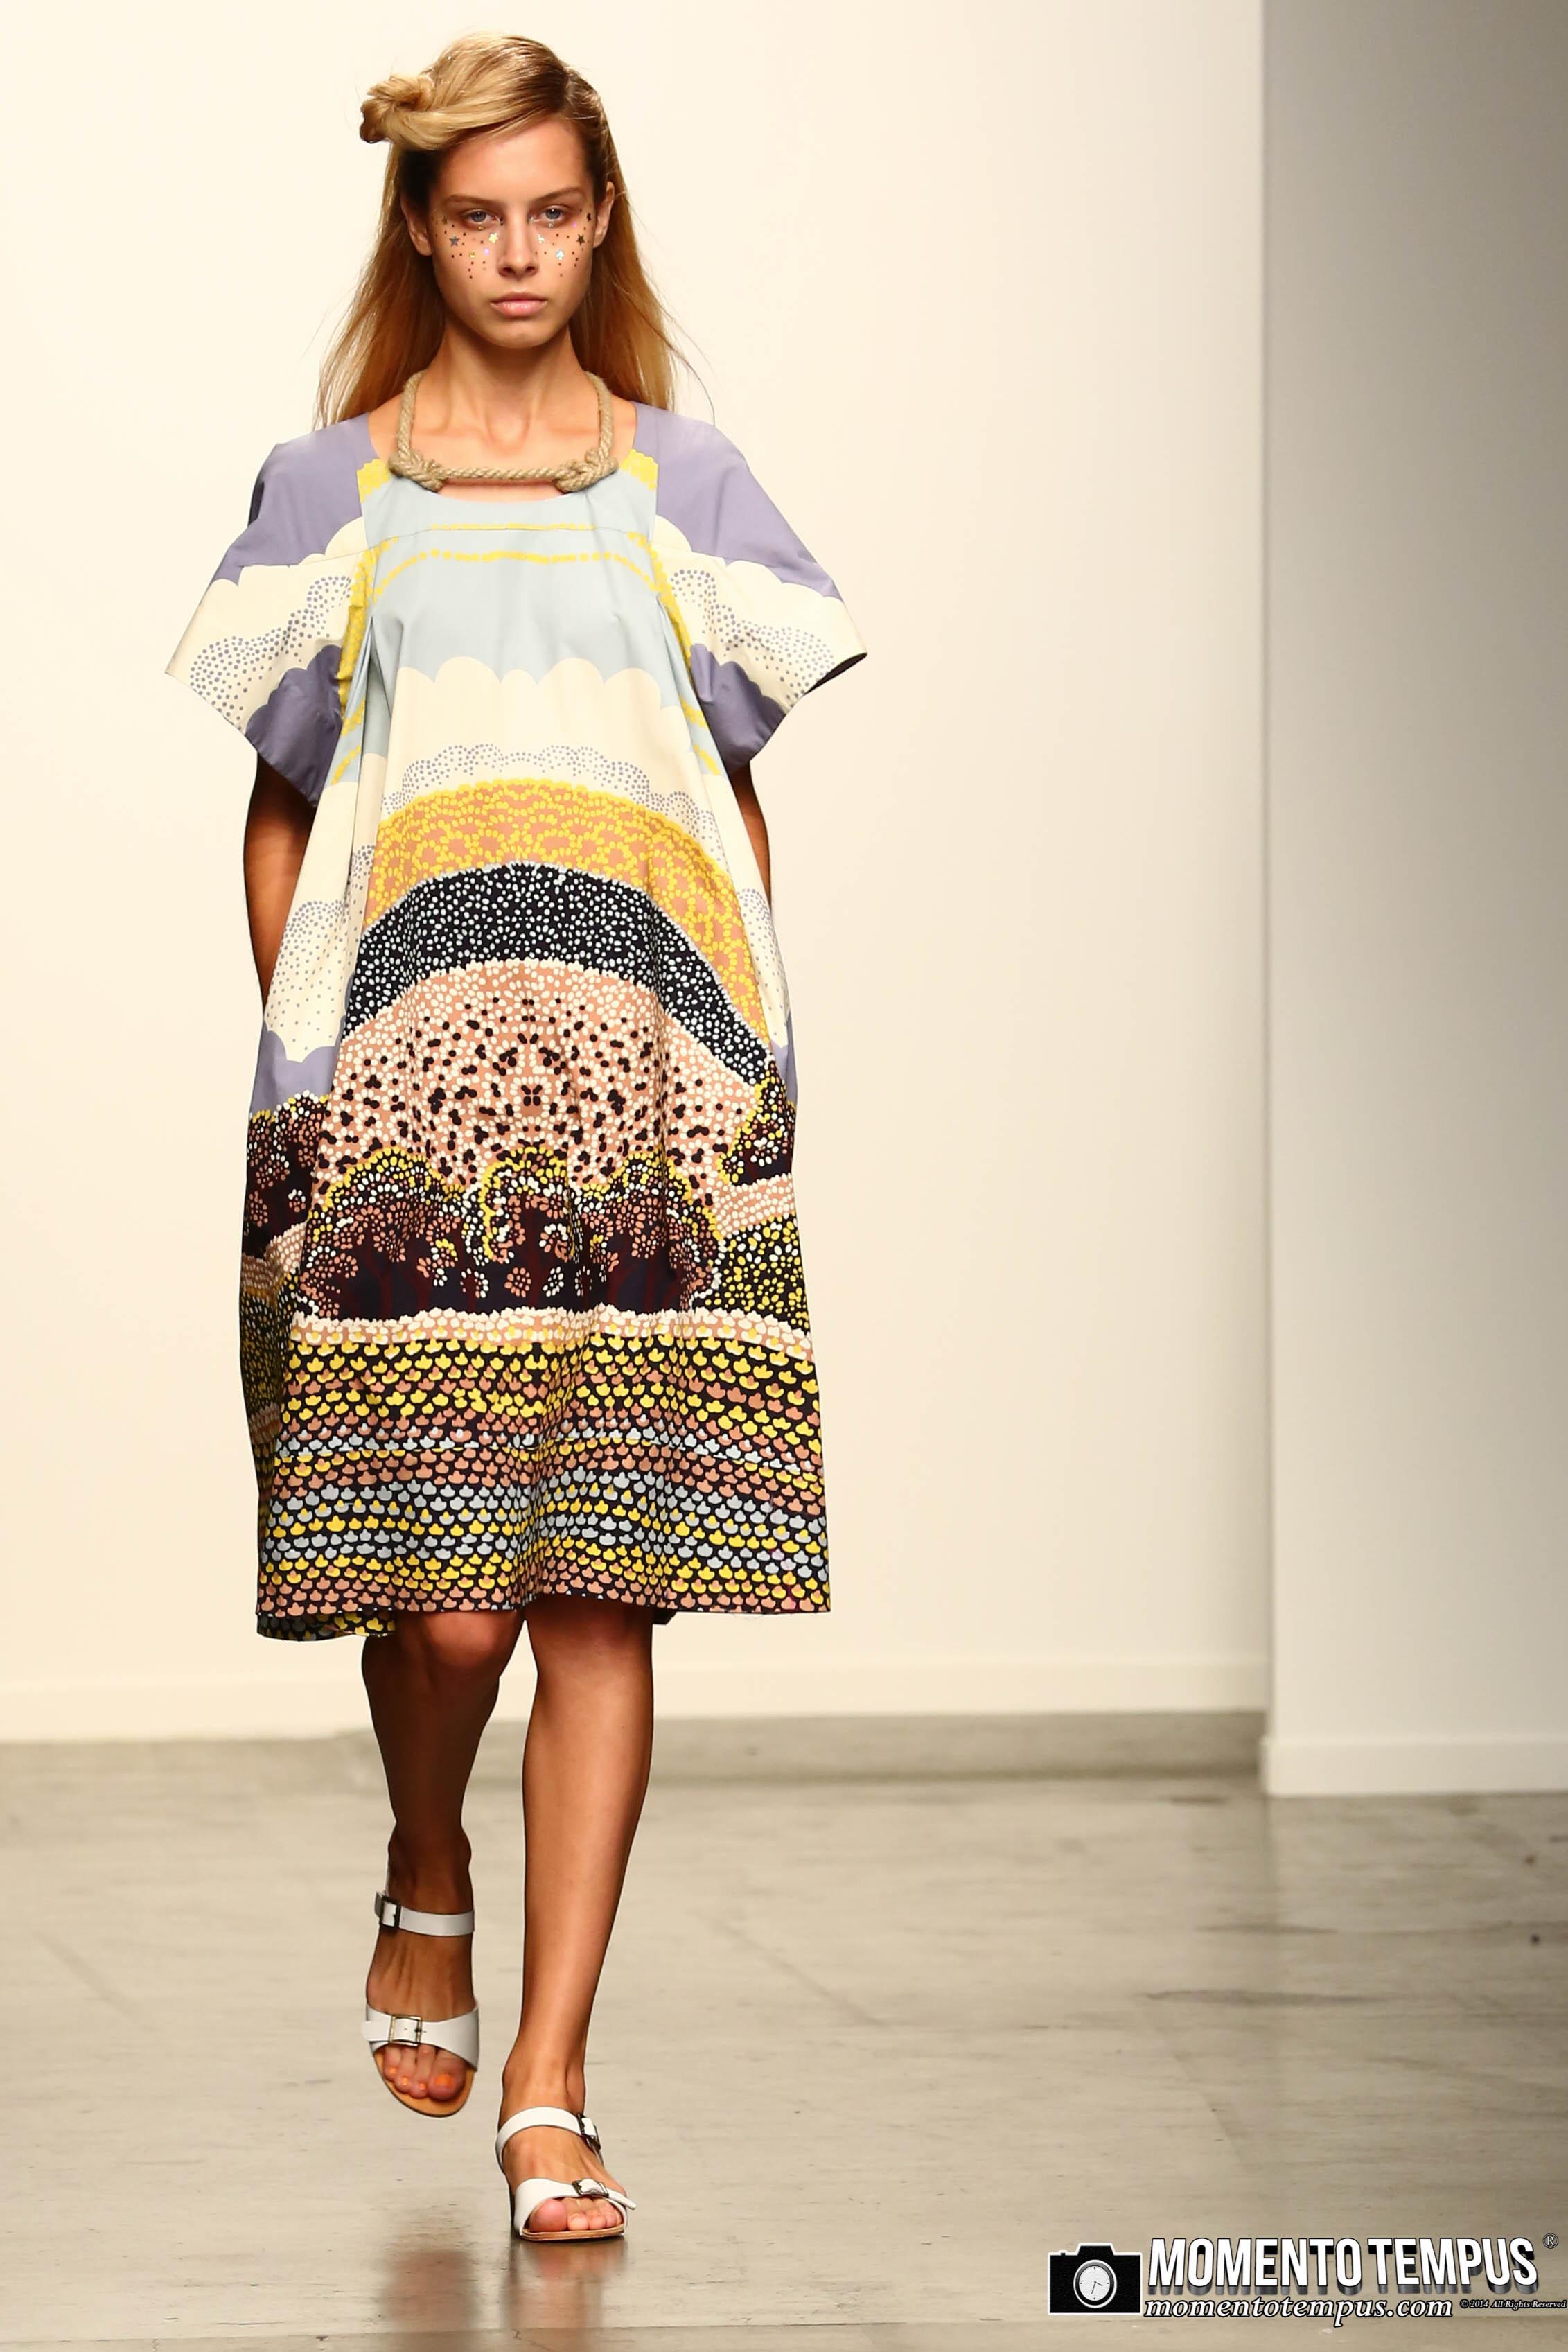 New York Fashion Week Spring 2015 A Detacher Costello Tagliapietra Sally Lapointe Suno Jesenia S Goodie Bag